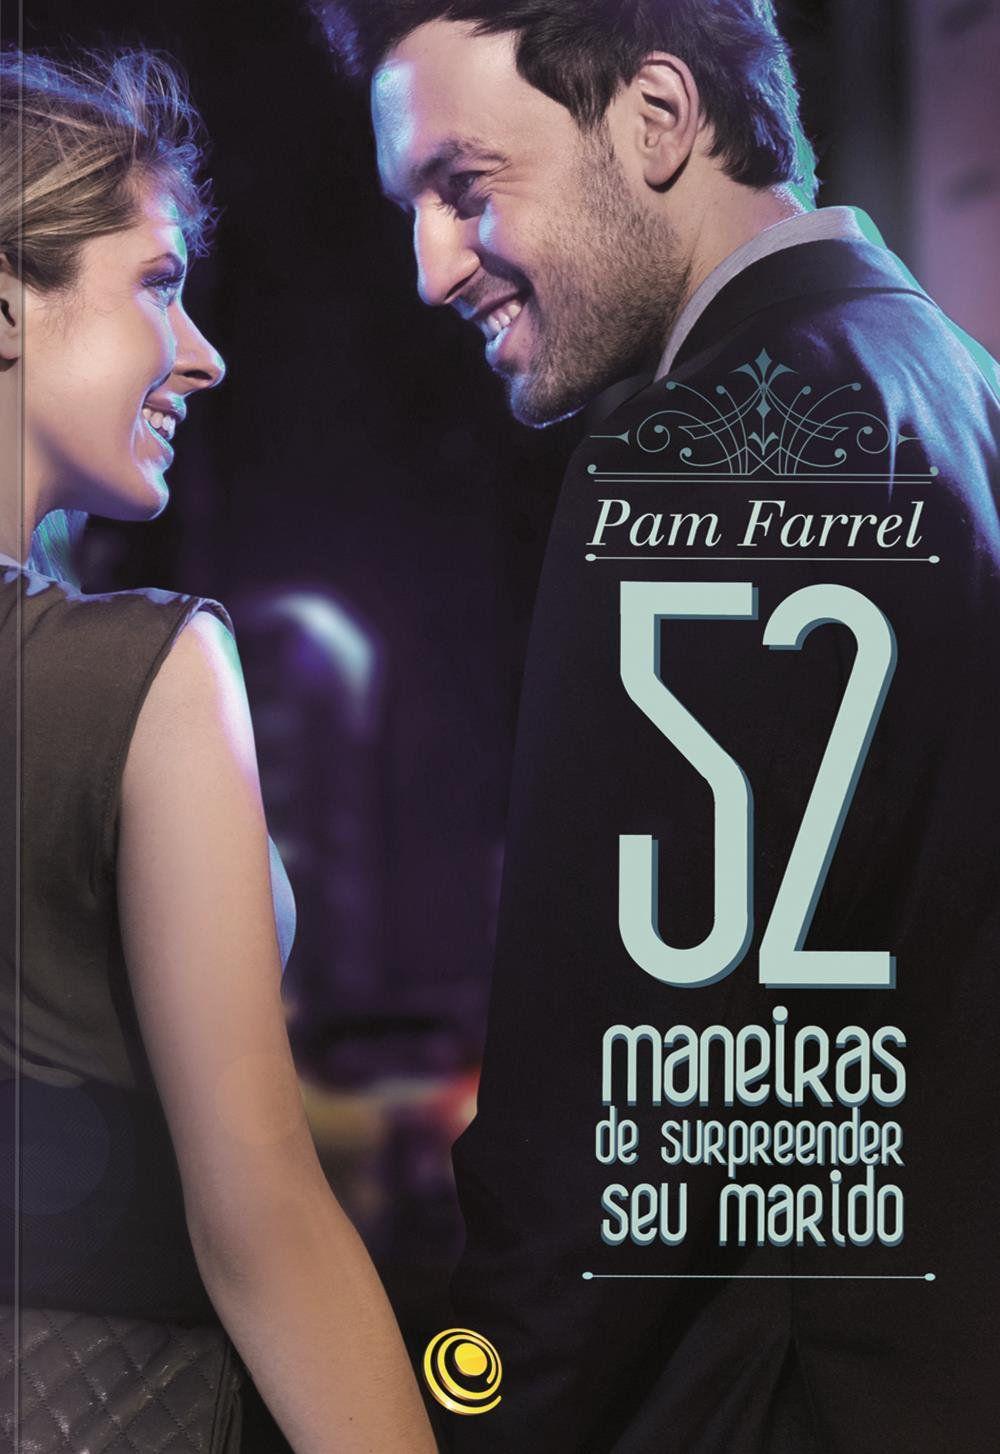 52 MANEIRAS DE SURPREENDER SEU MARIDO